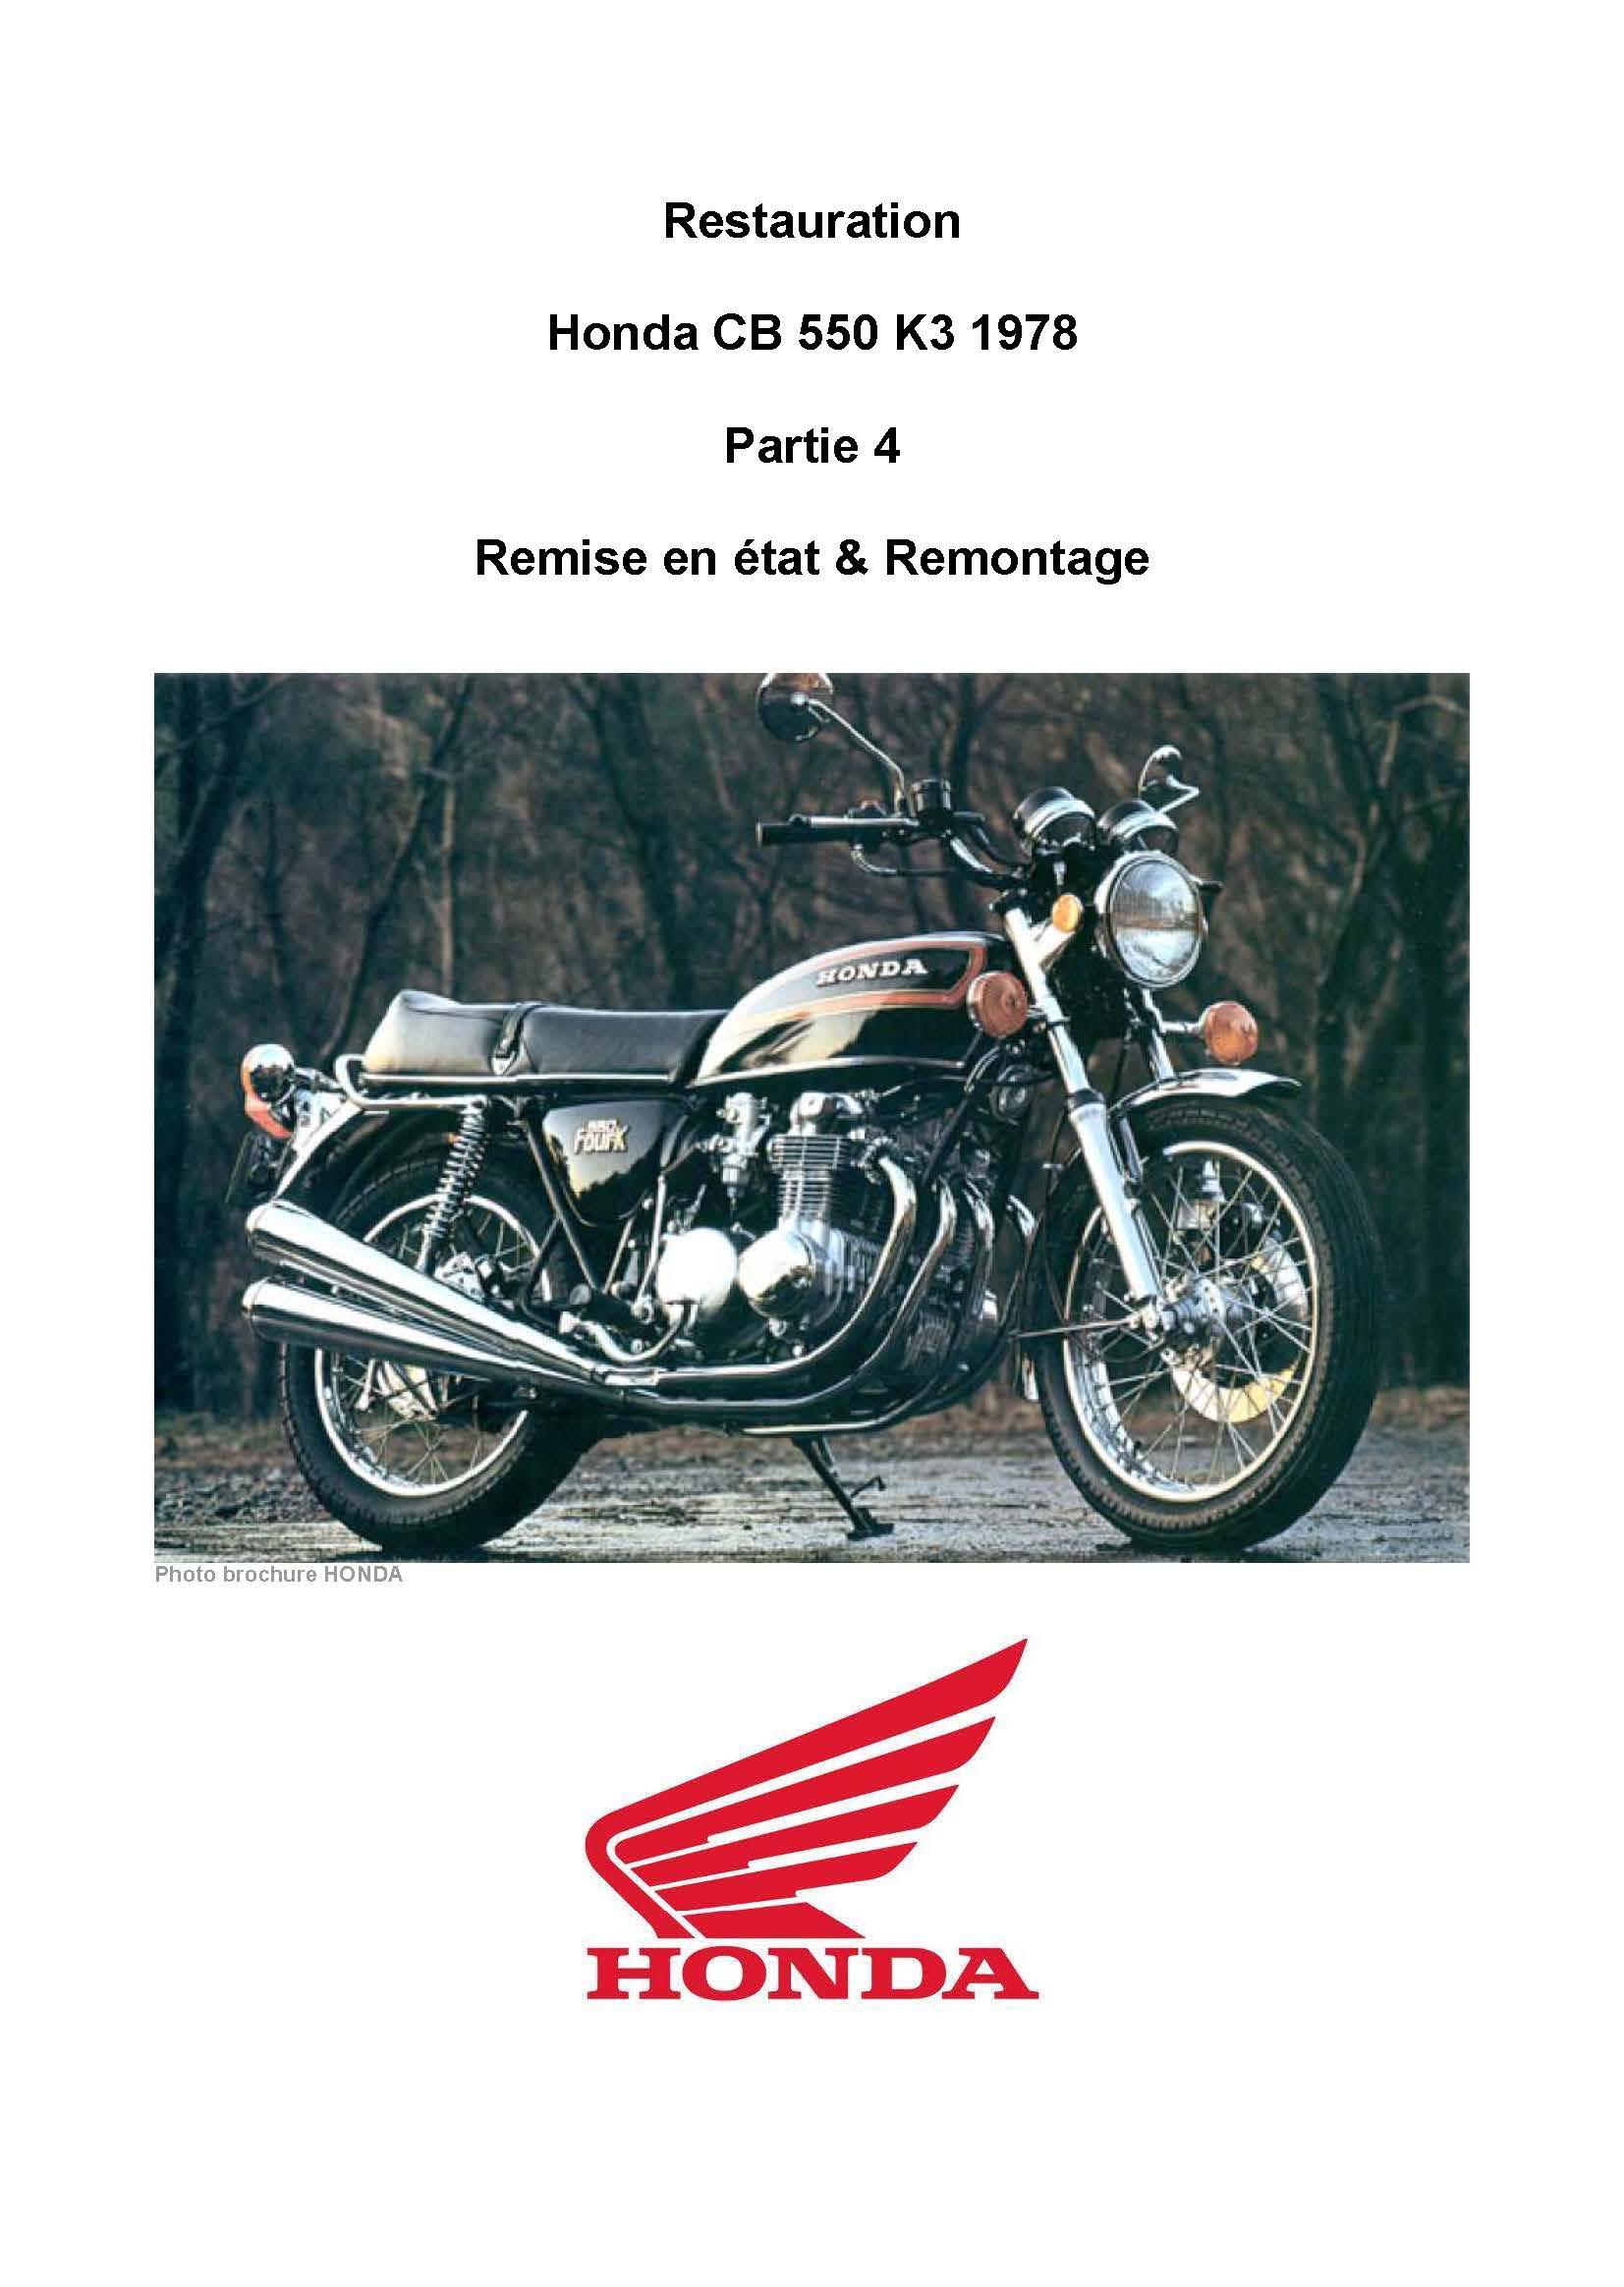 Master brake cylinder restoration for Honda CB550K3 (1978) (French)